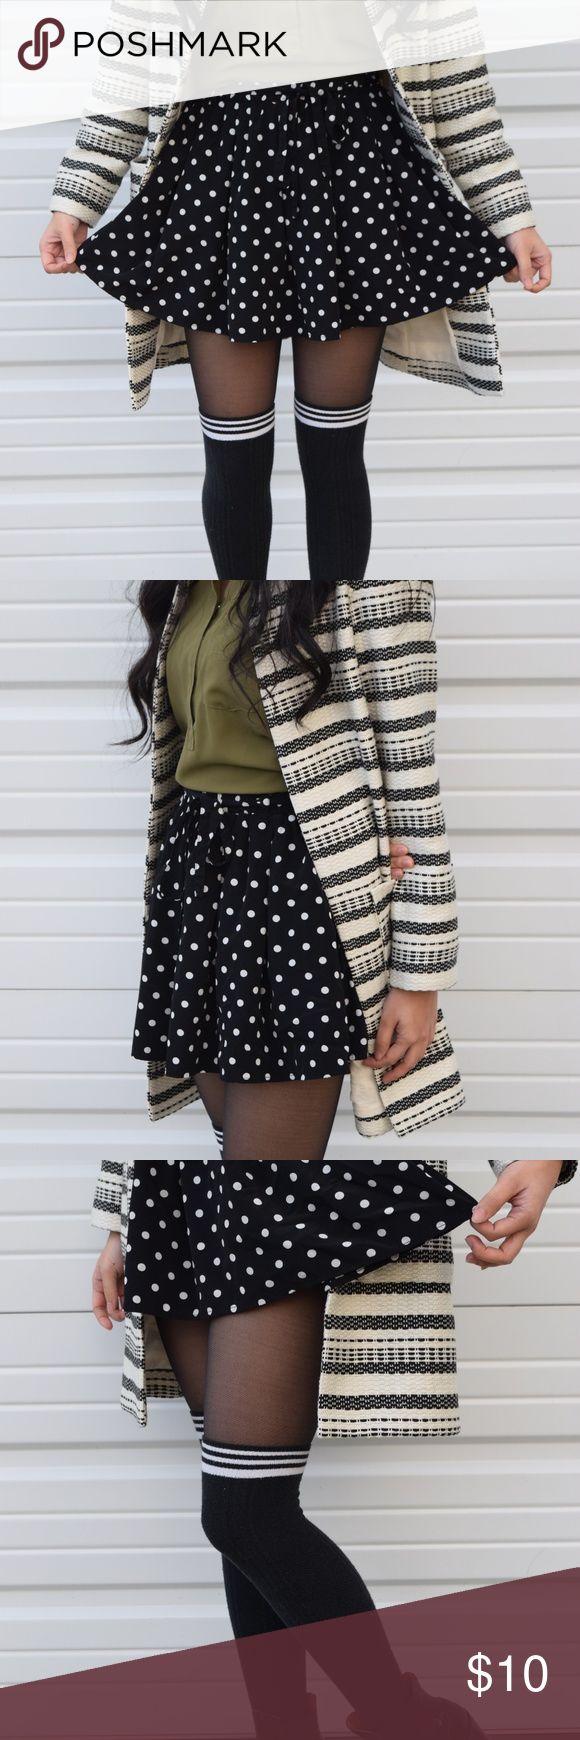 Forever 21 Women's Polka Dot Circle Skirt Size S Polka dot circle skirt with an elastic waistband with matching drawstring belt. Skirt lined with shorts. Forever 21 Skirts Circle & Skater